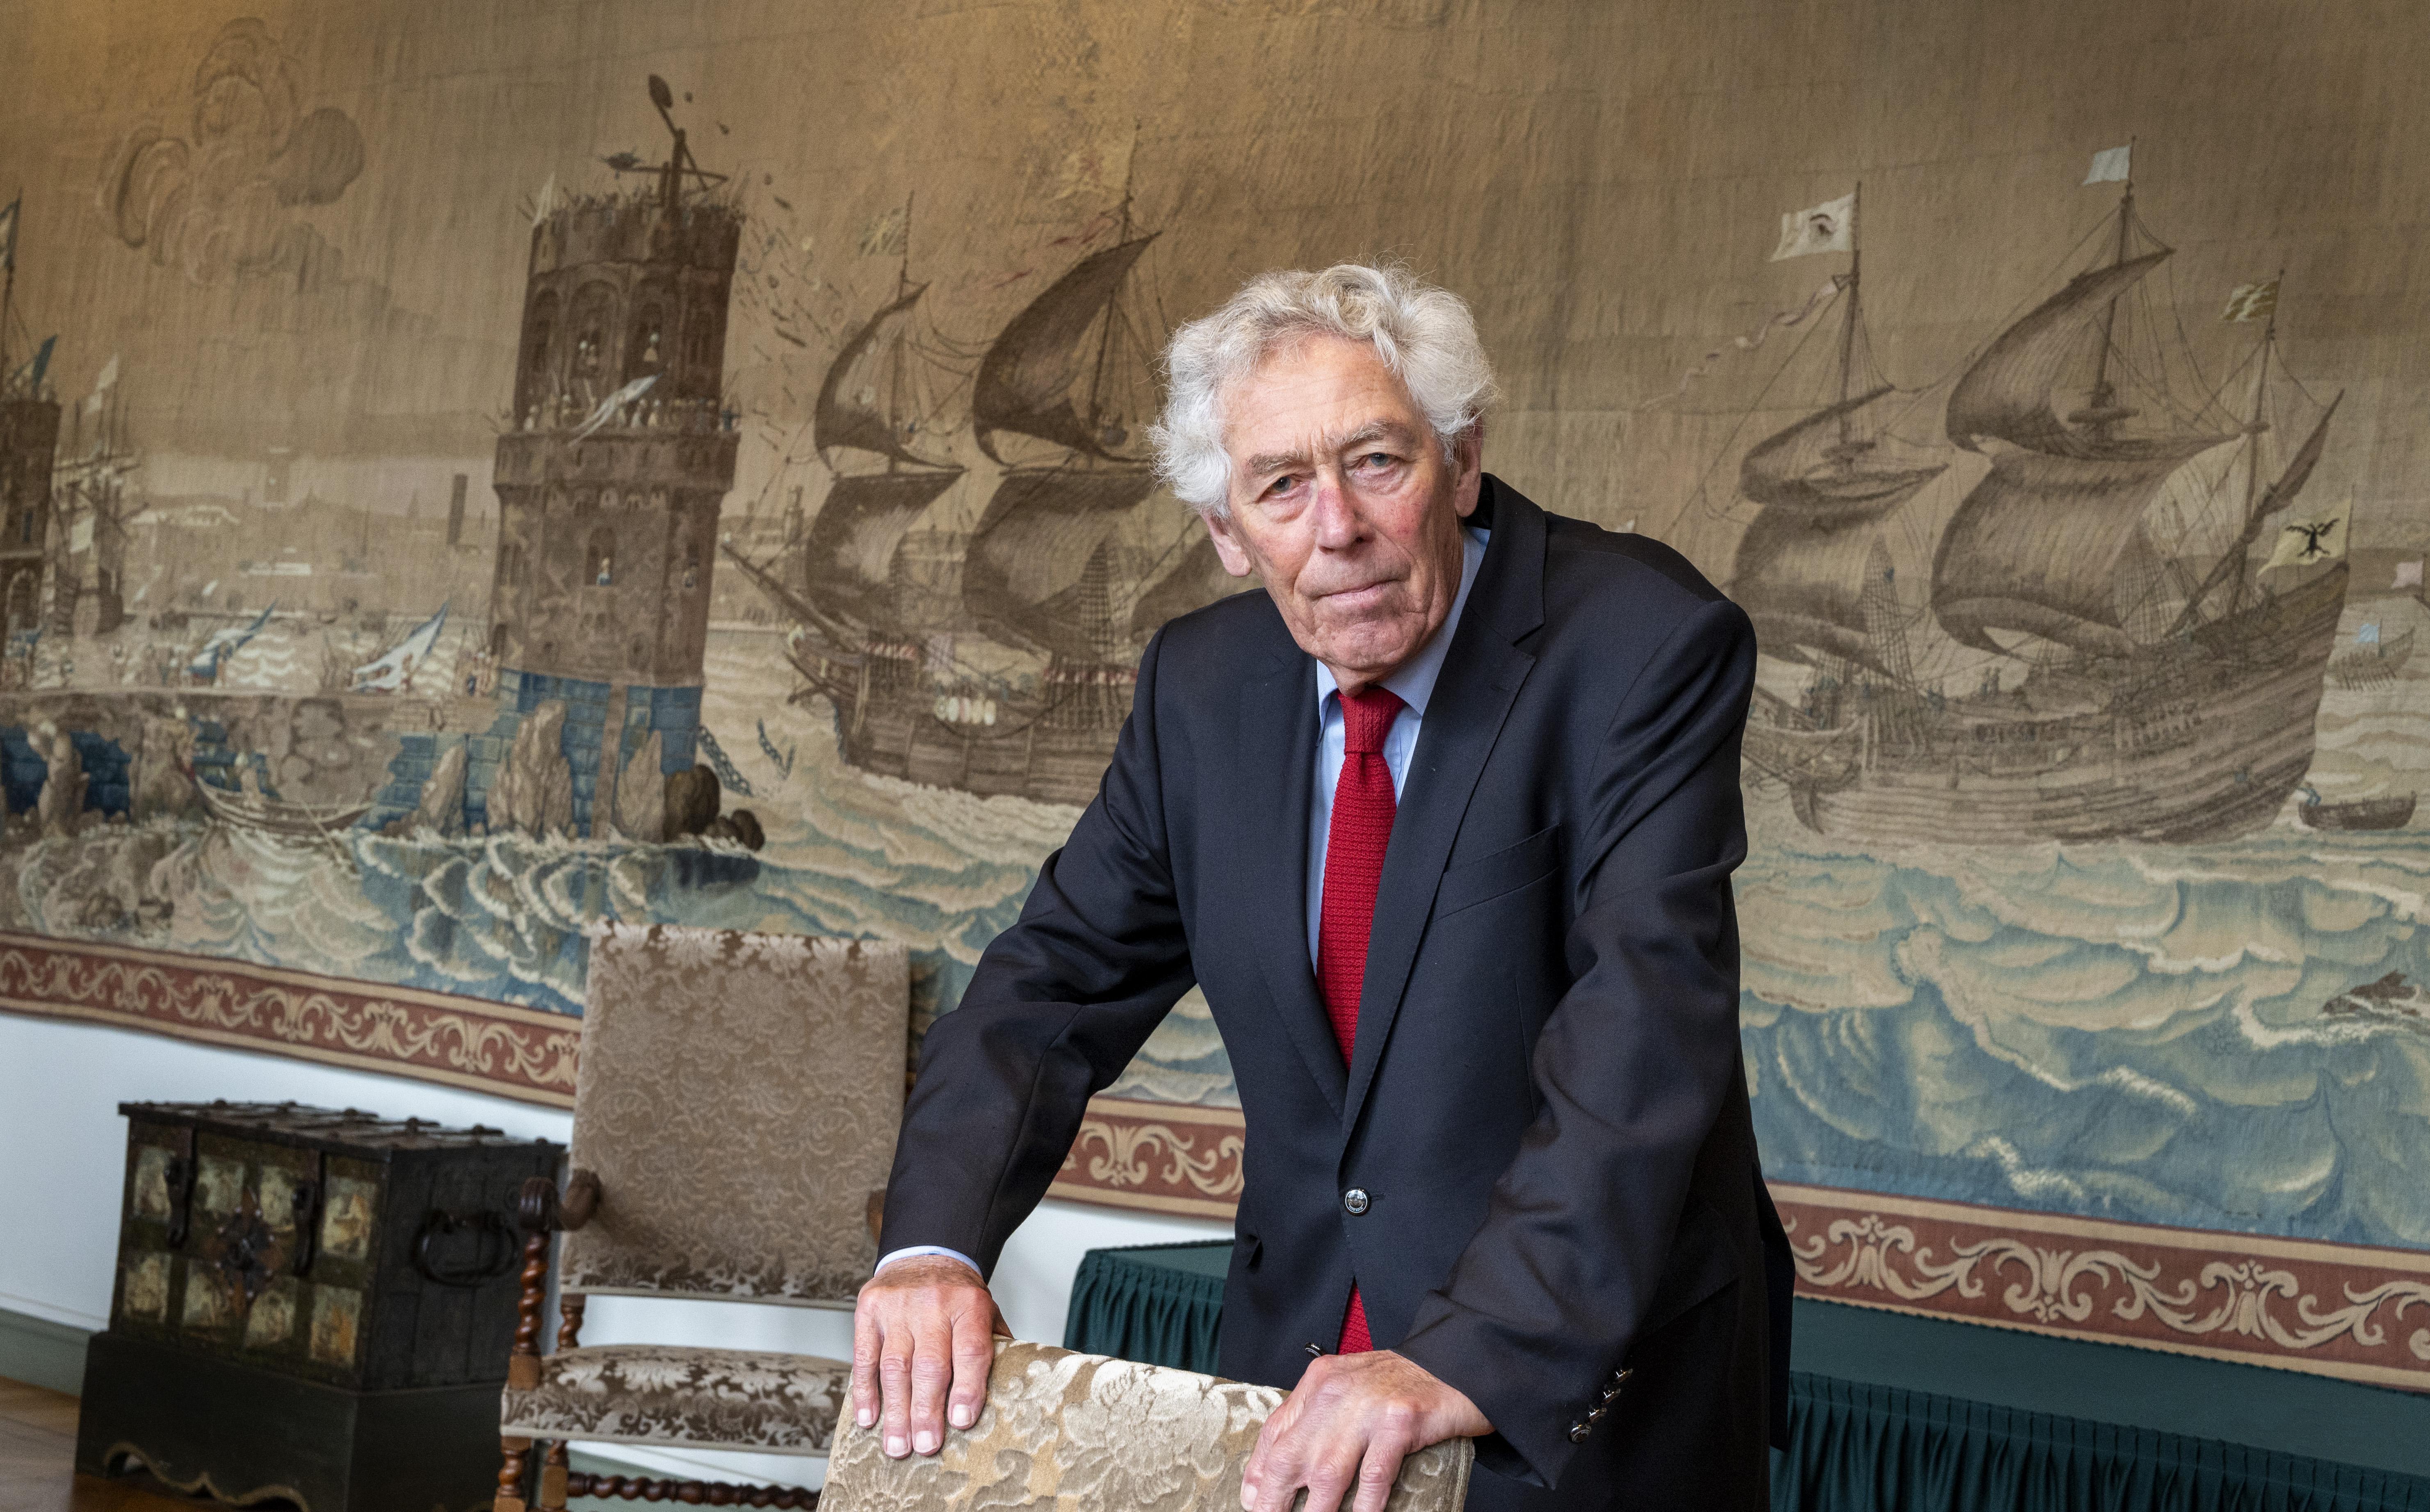 Terugblik op jaren in Haarlemse politiek: 'We dachten toen bij D66: alles moet helemaal anders'